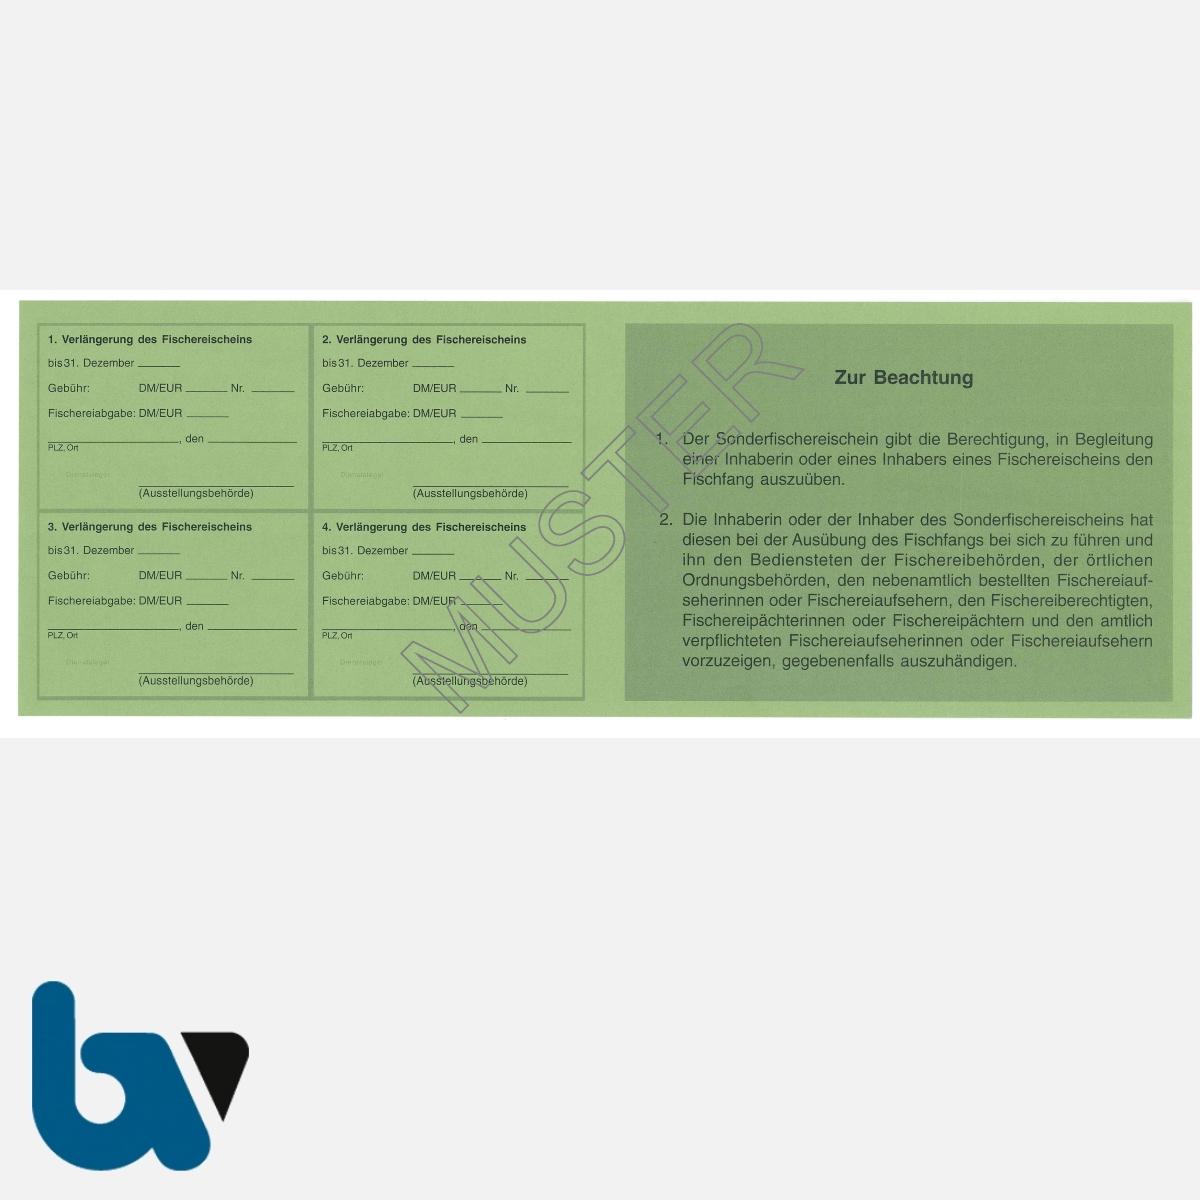 2/456-3 Sonderfischereischein RLP Rheinland-Pfalz grün Neobond Muster RS | Borgard Verlag GmbH